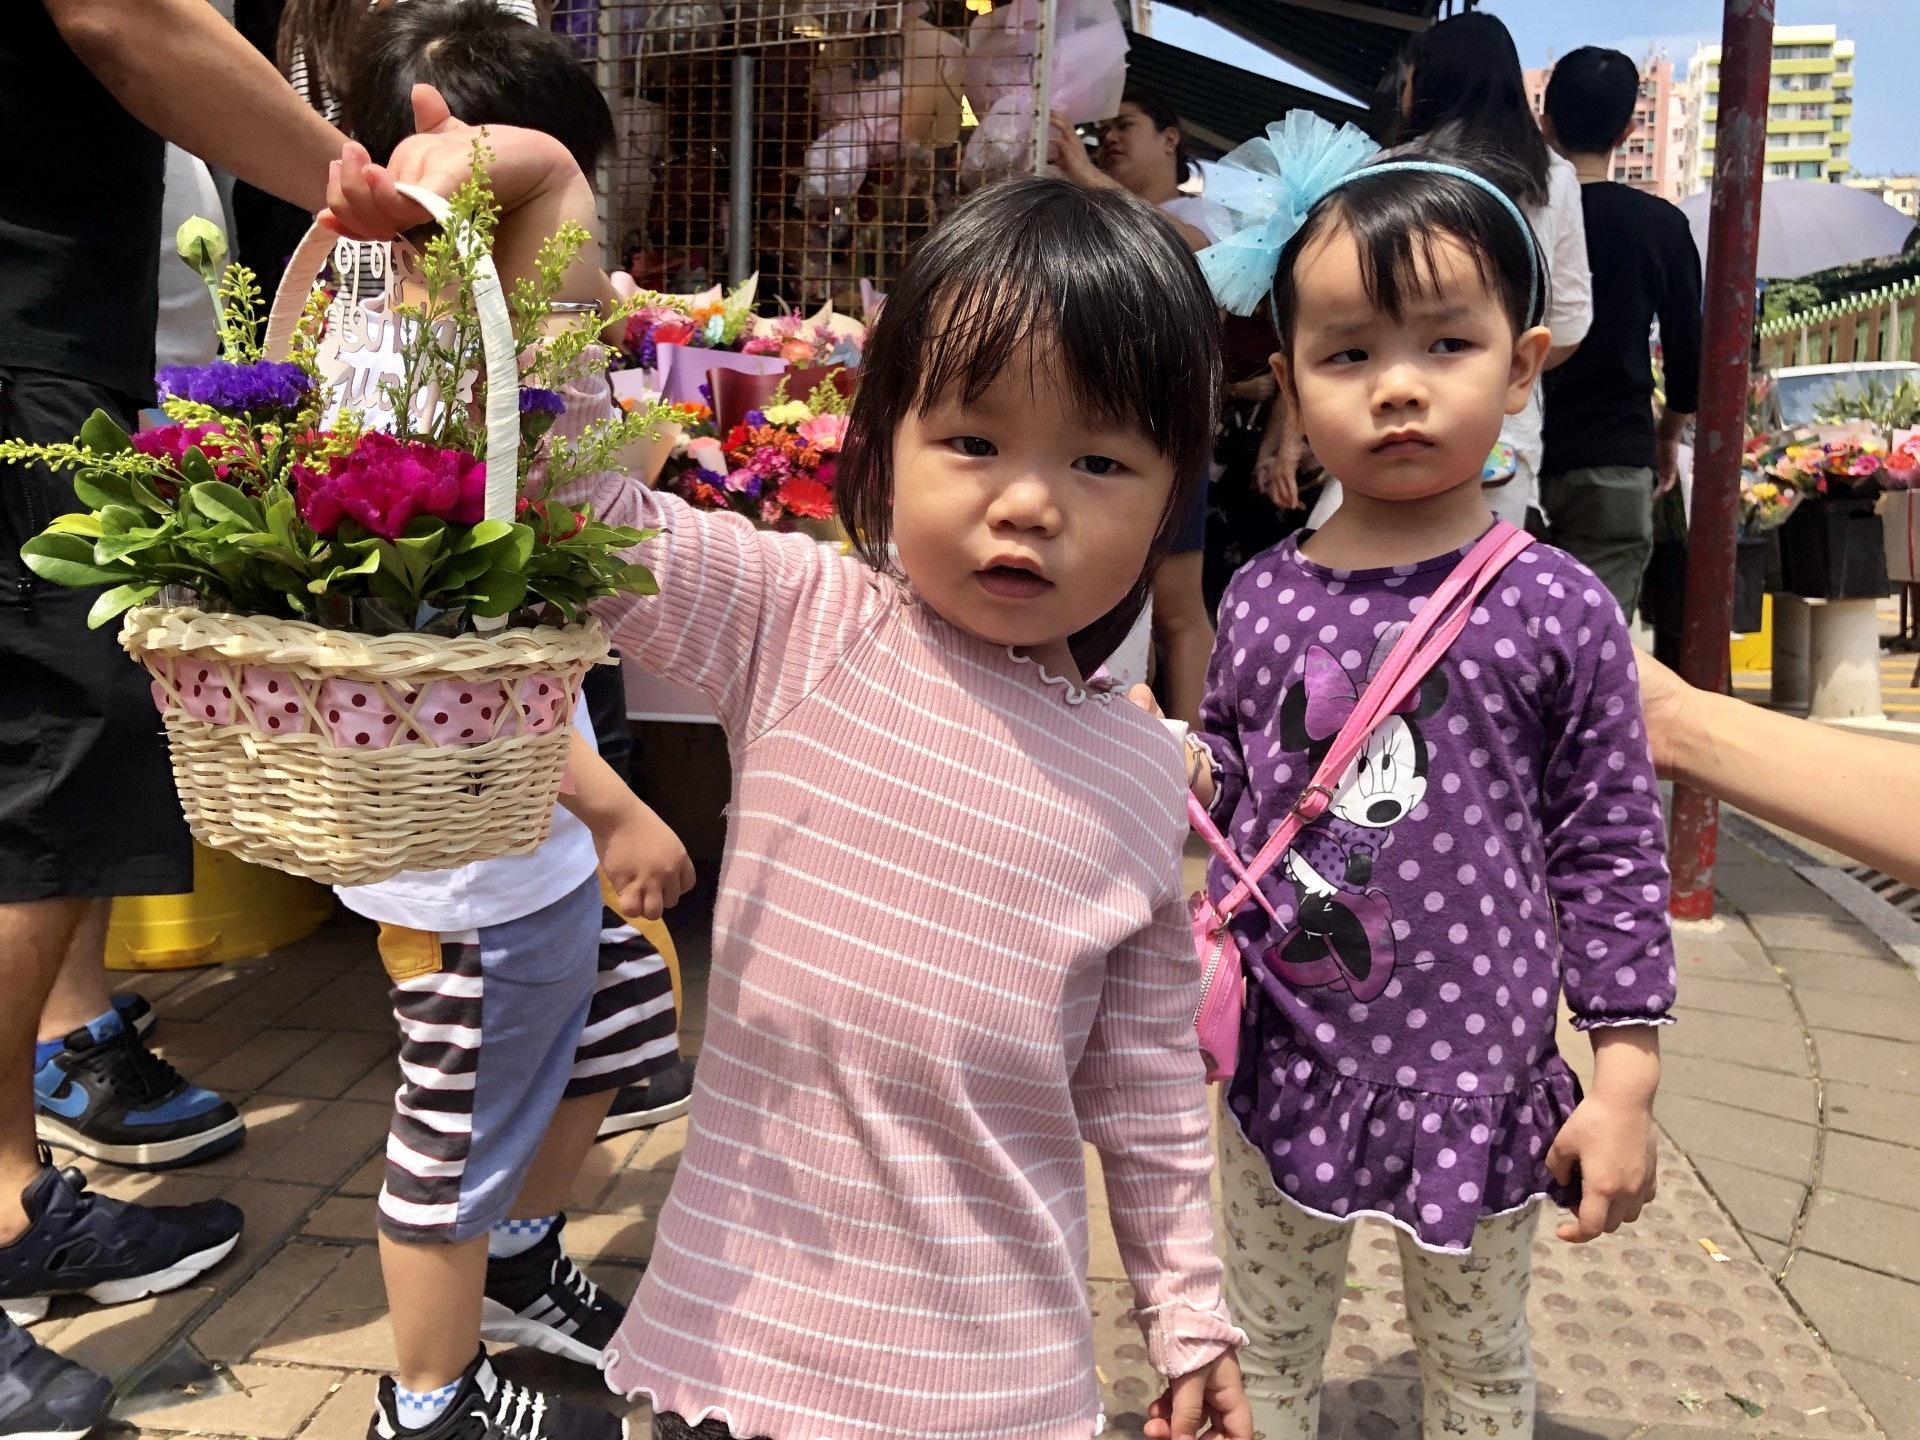 雖然沒有人送花,但梁太也有一對女兒陪伴買花。(勞敏儀攝)